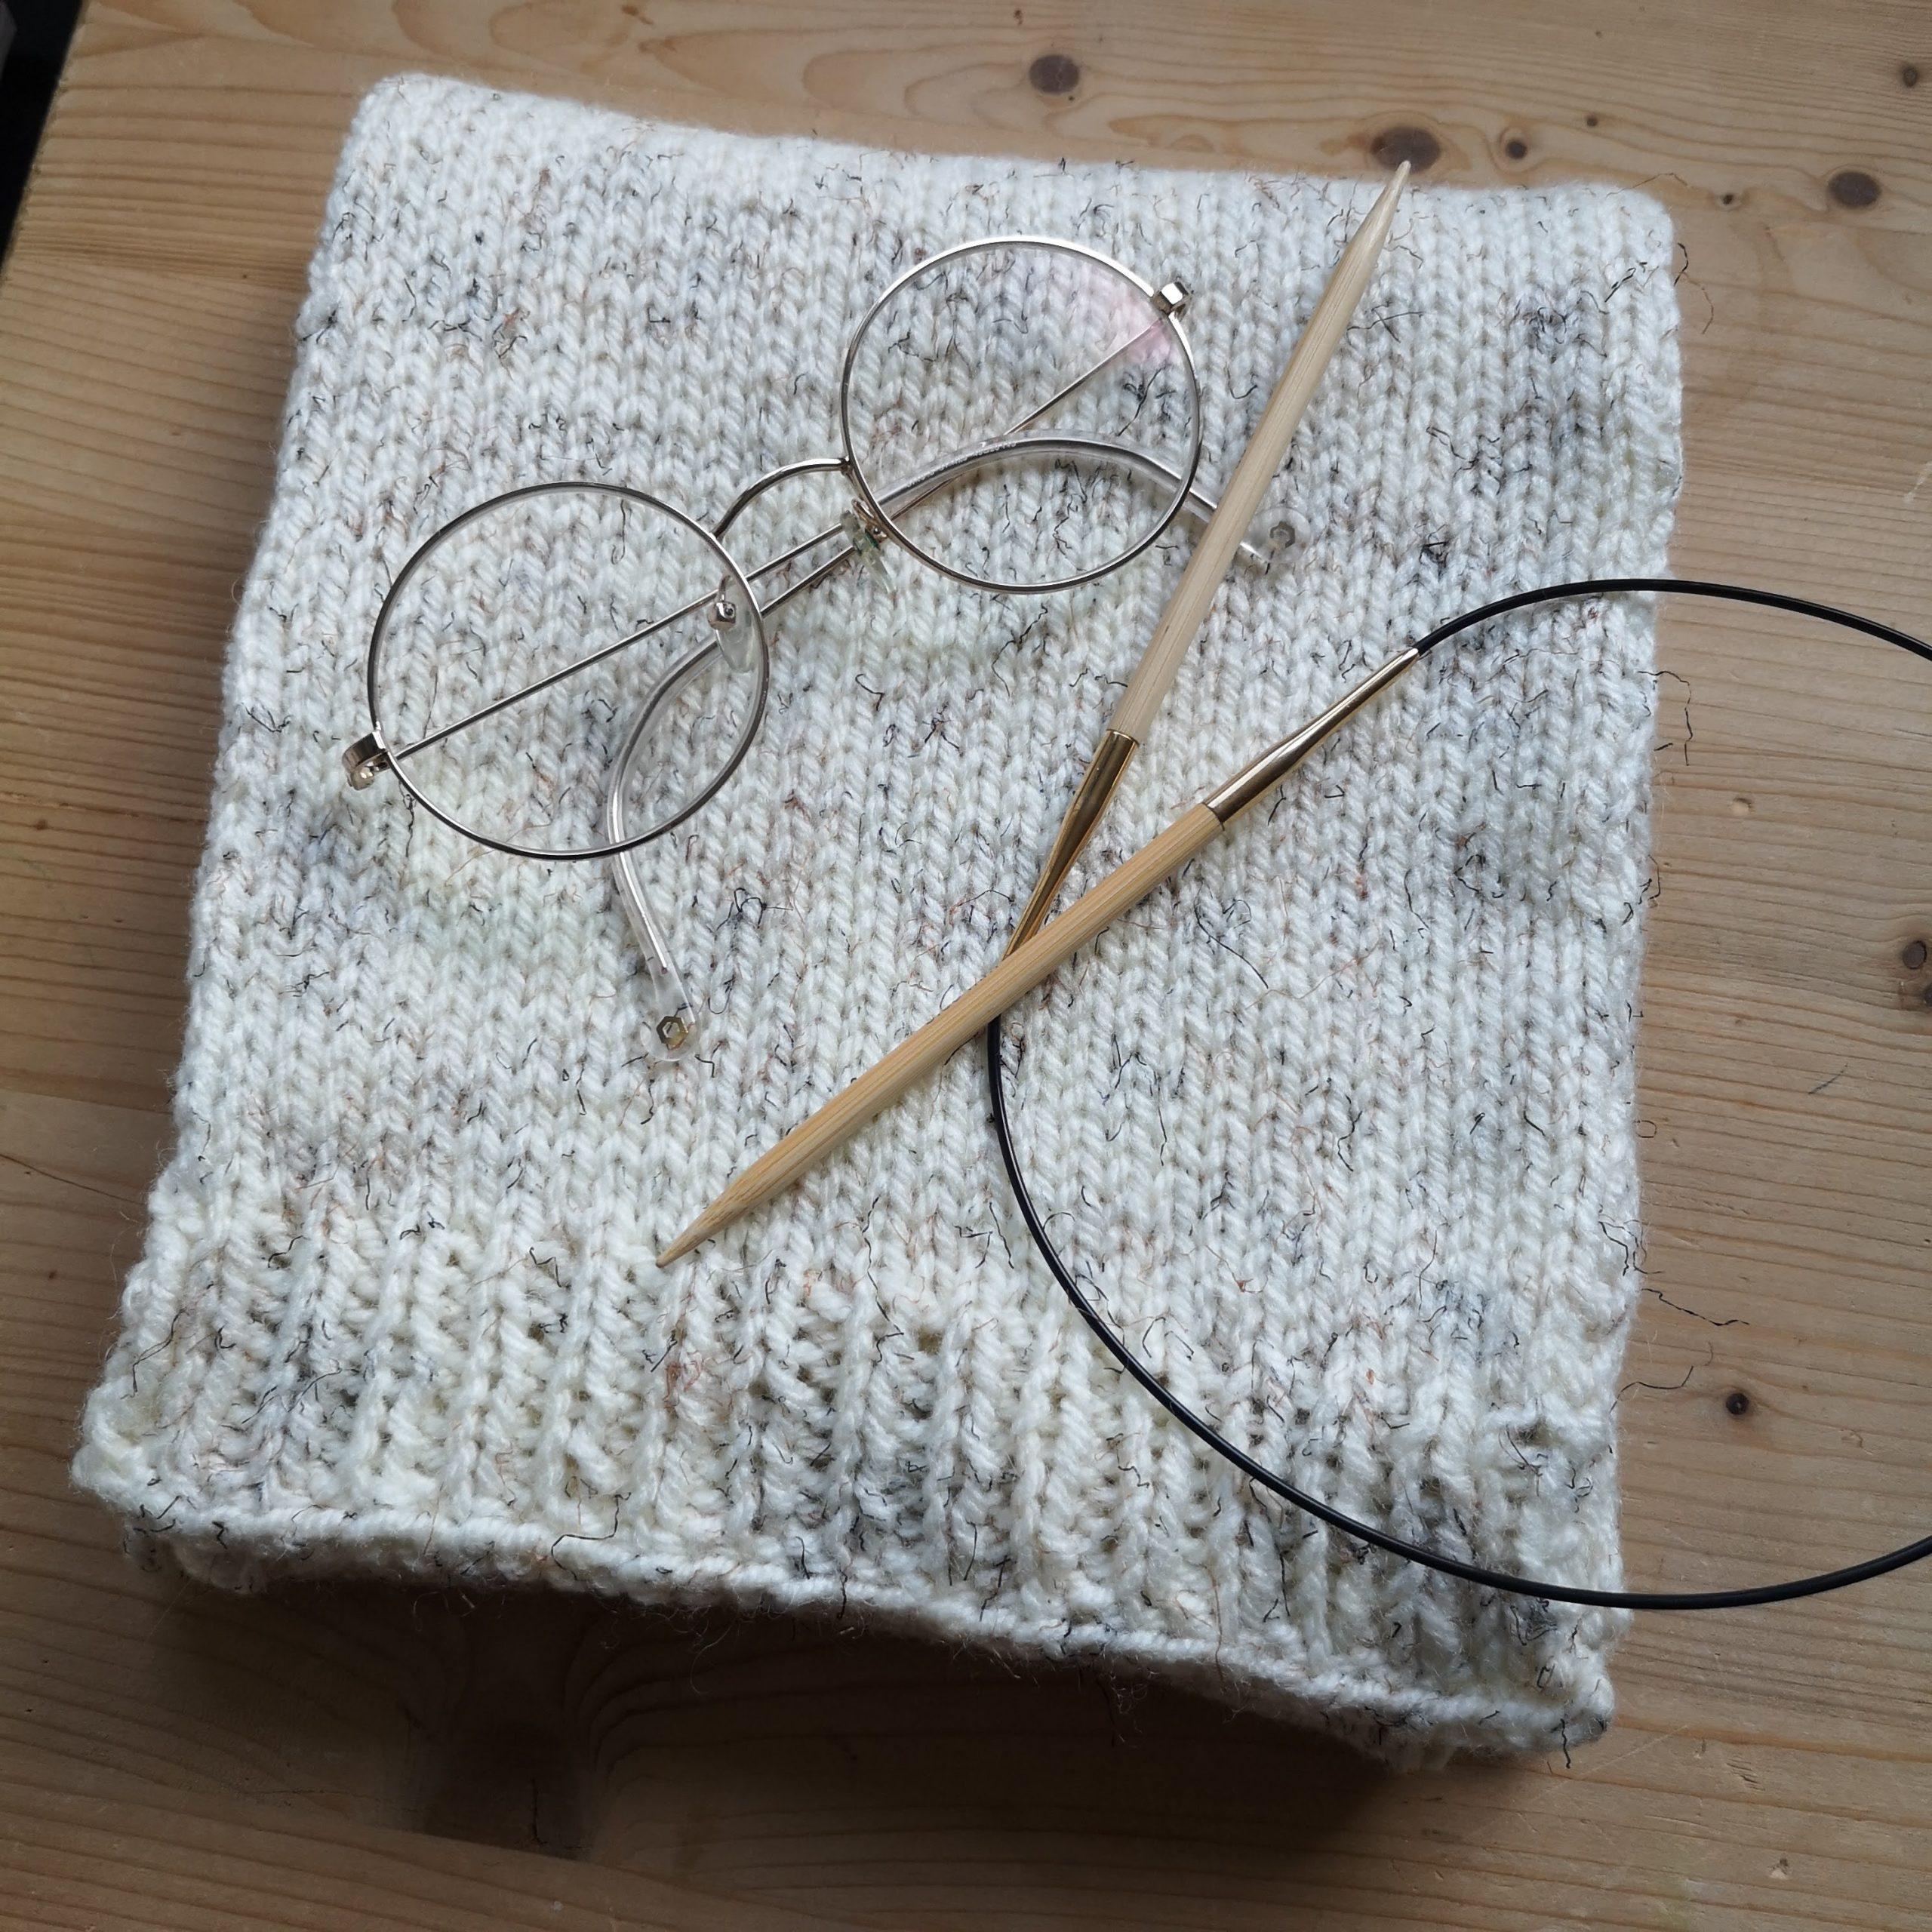 Netjes opgevouwen gebreide sjaal met een rondbrenaald en een bril erop gelegd voor de sier.